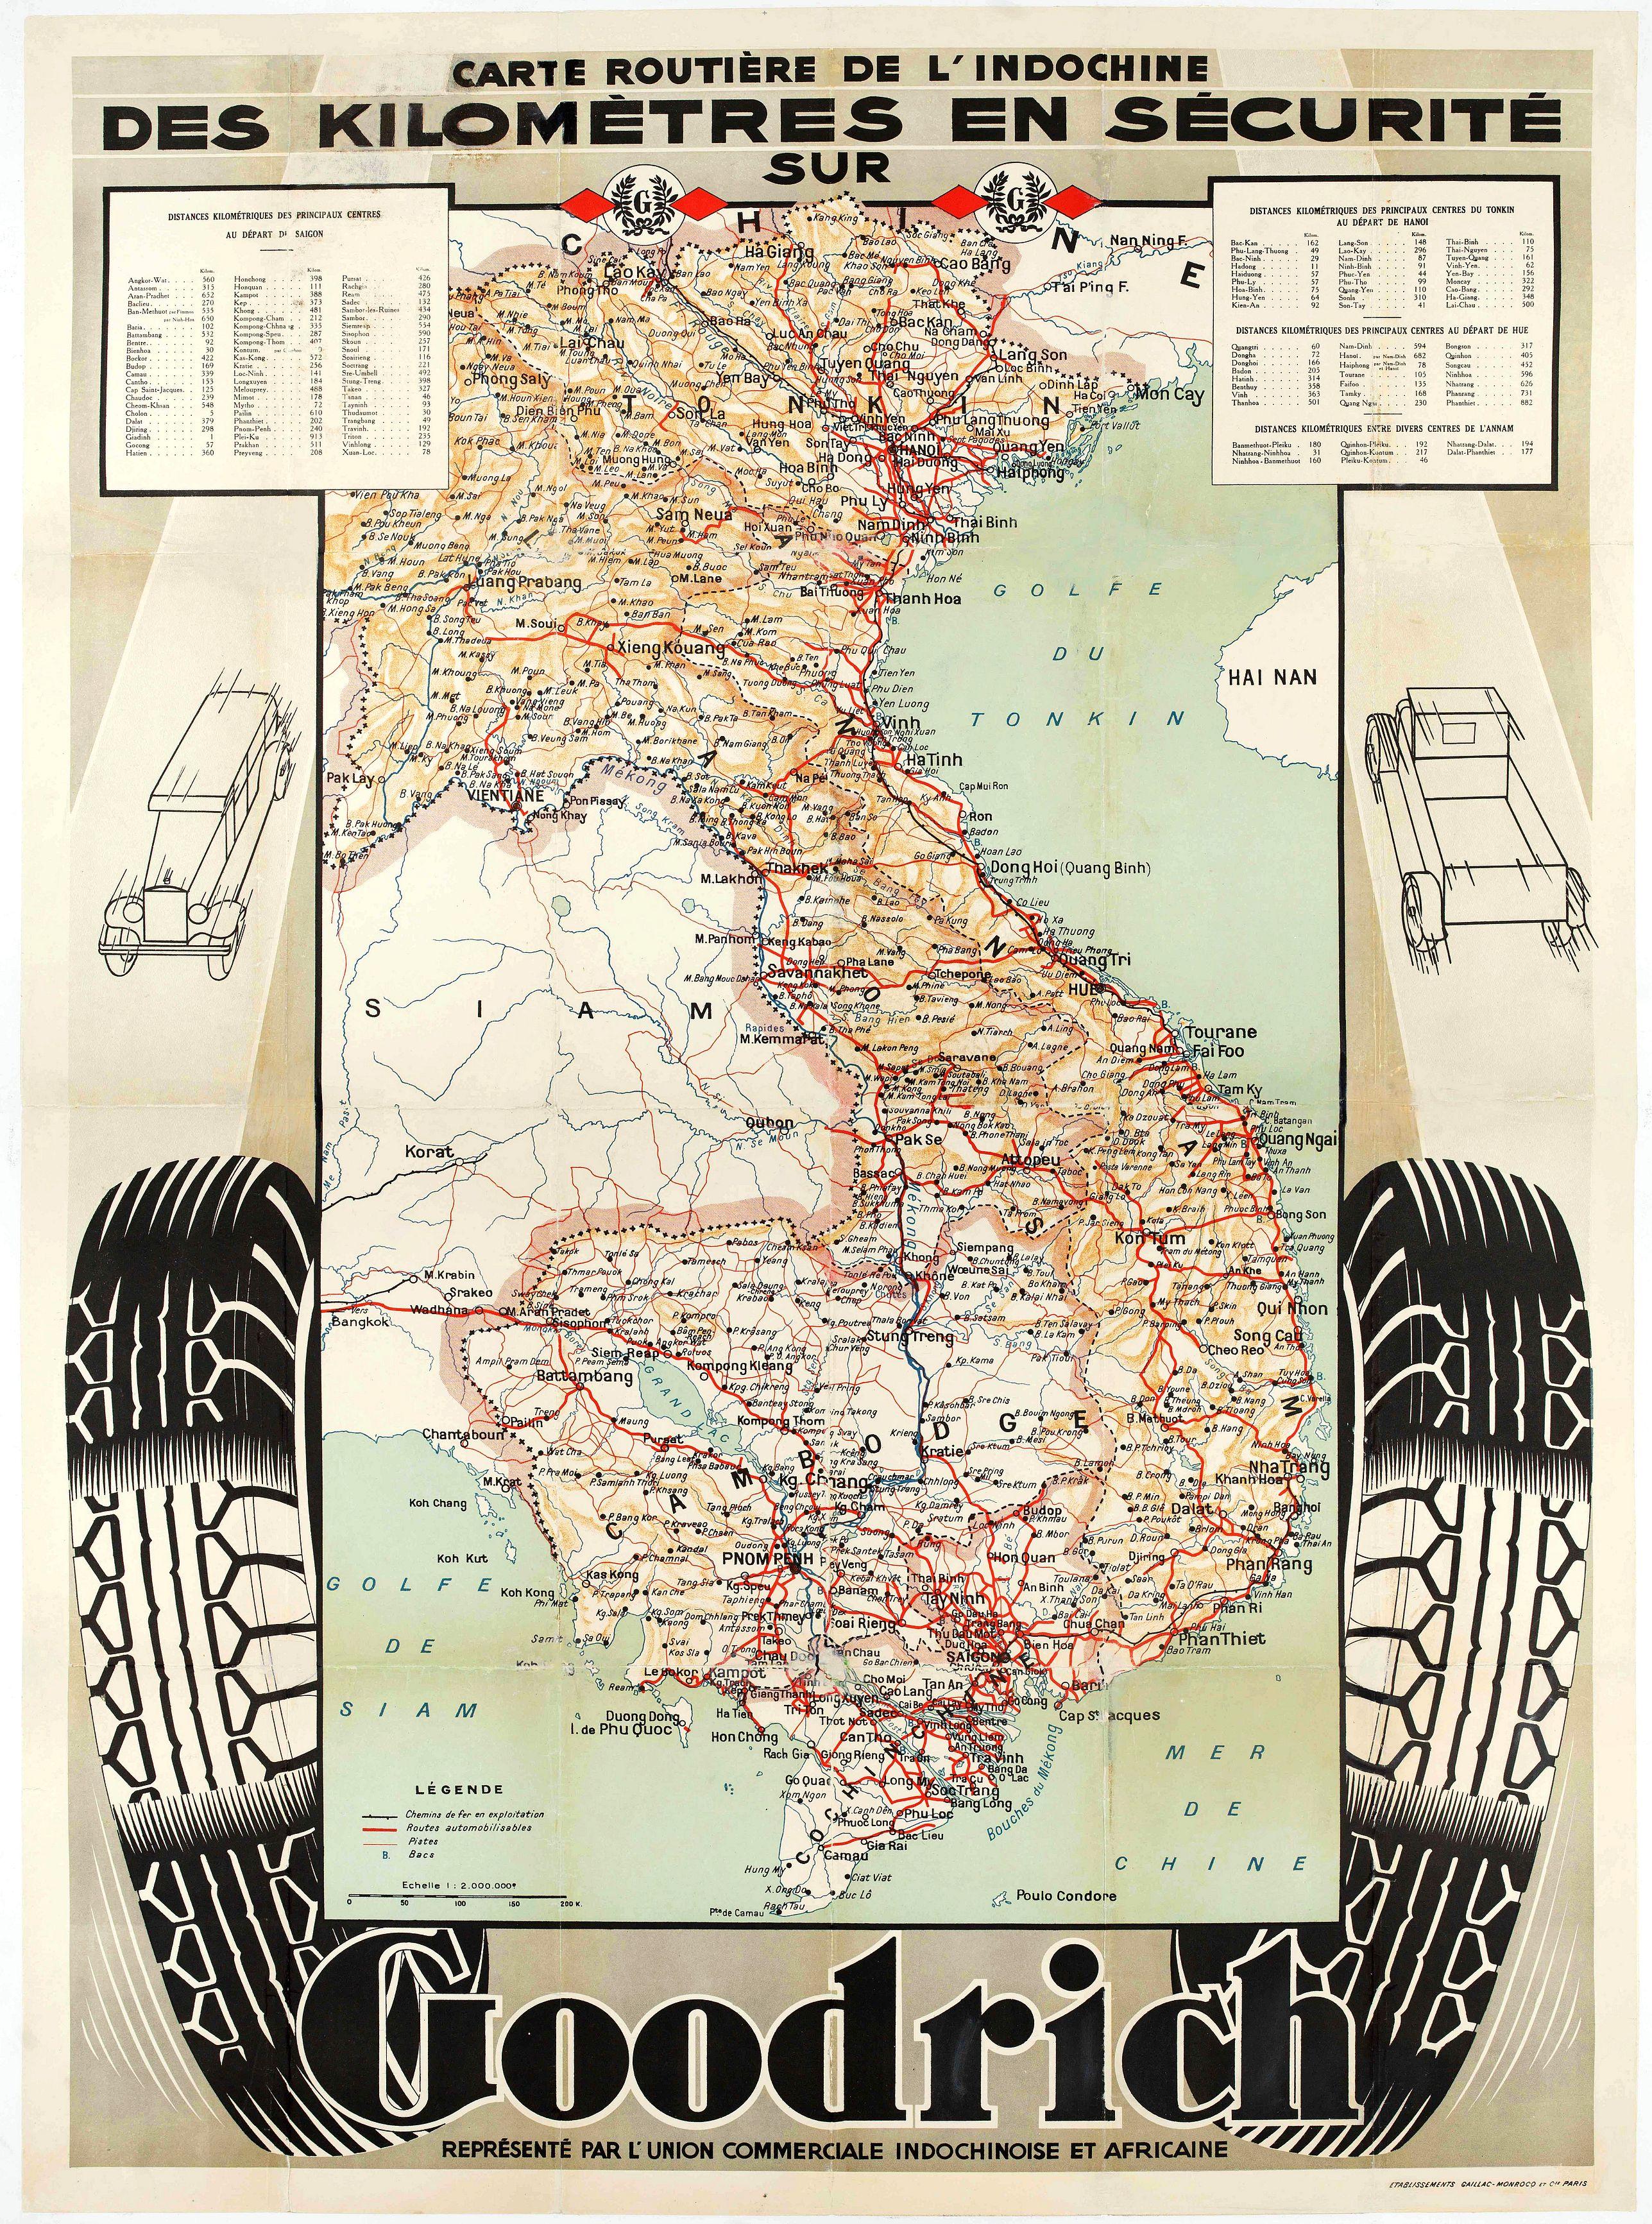 UNION COMMERCIALE INDOCHINOISE. -  Carte routière de l'Indochine. Des kilomètres en sécurité sur Goodrich.